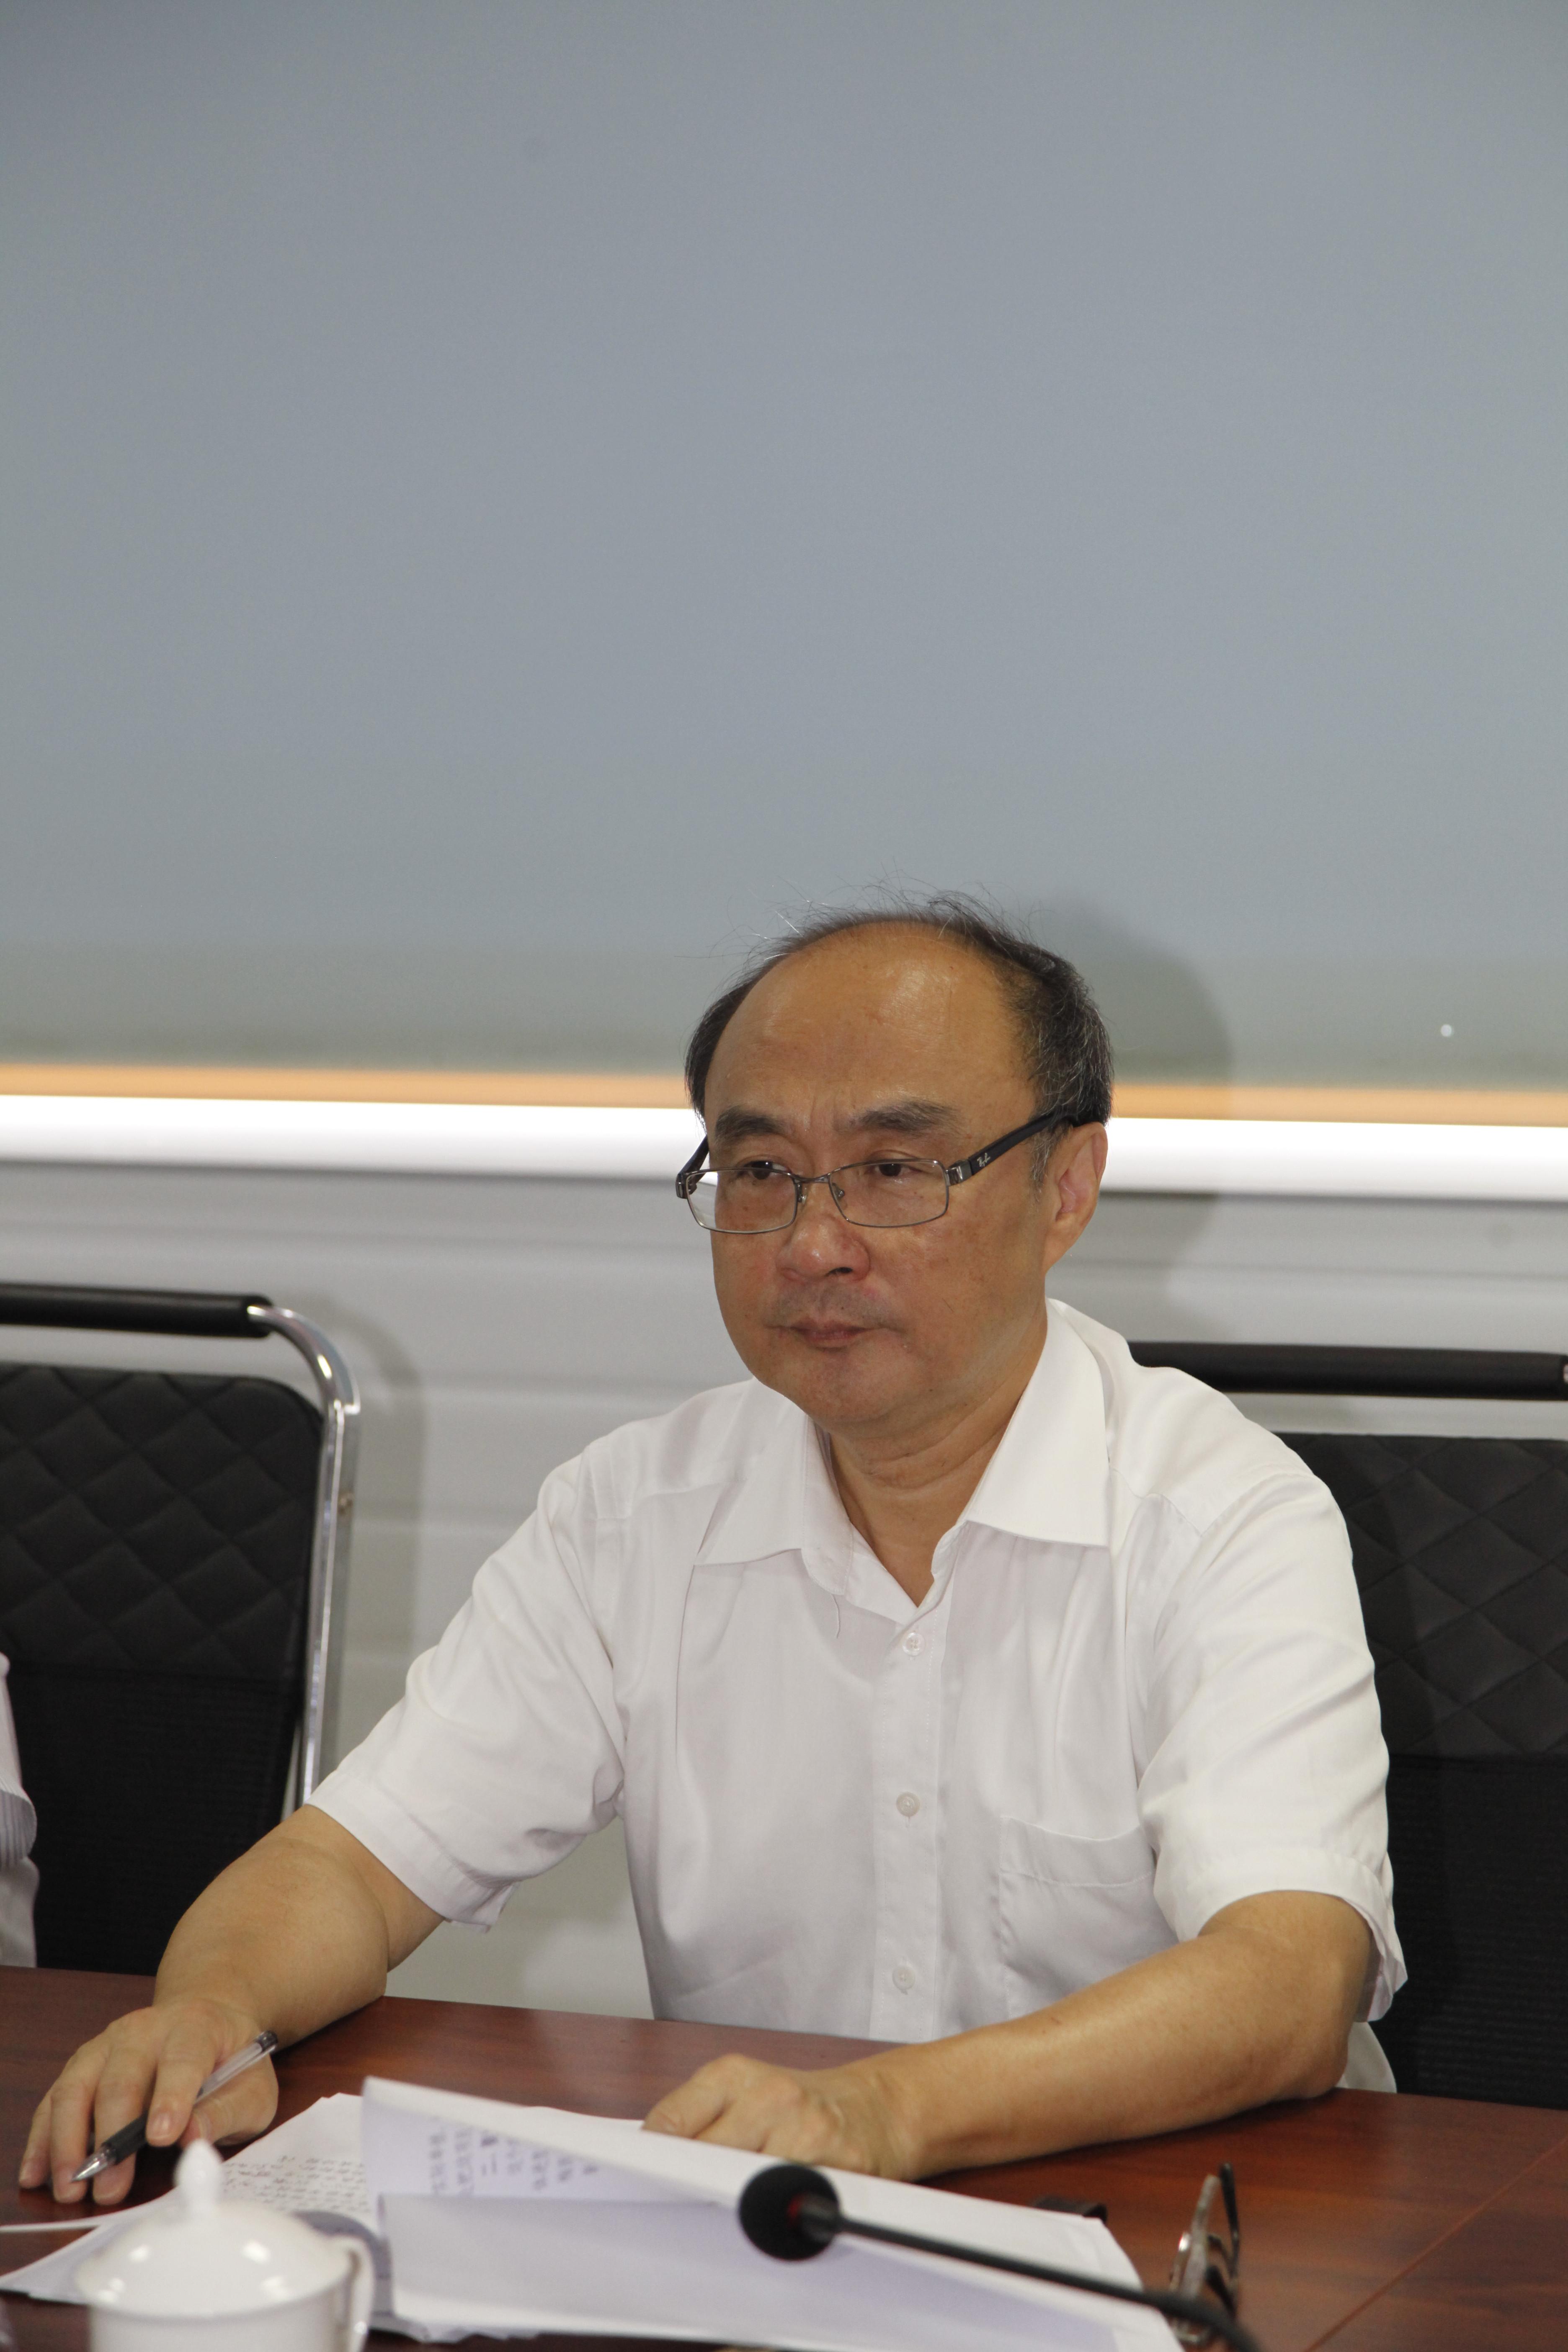 集團動態丨蘇州市人大常委會主任陳振一 赴蘇州市現代農產品物流園調研